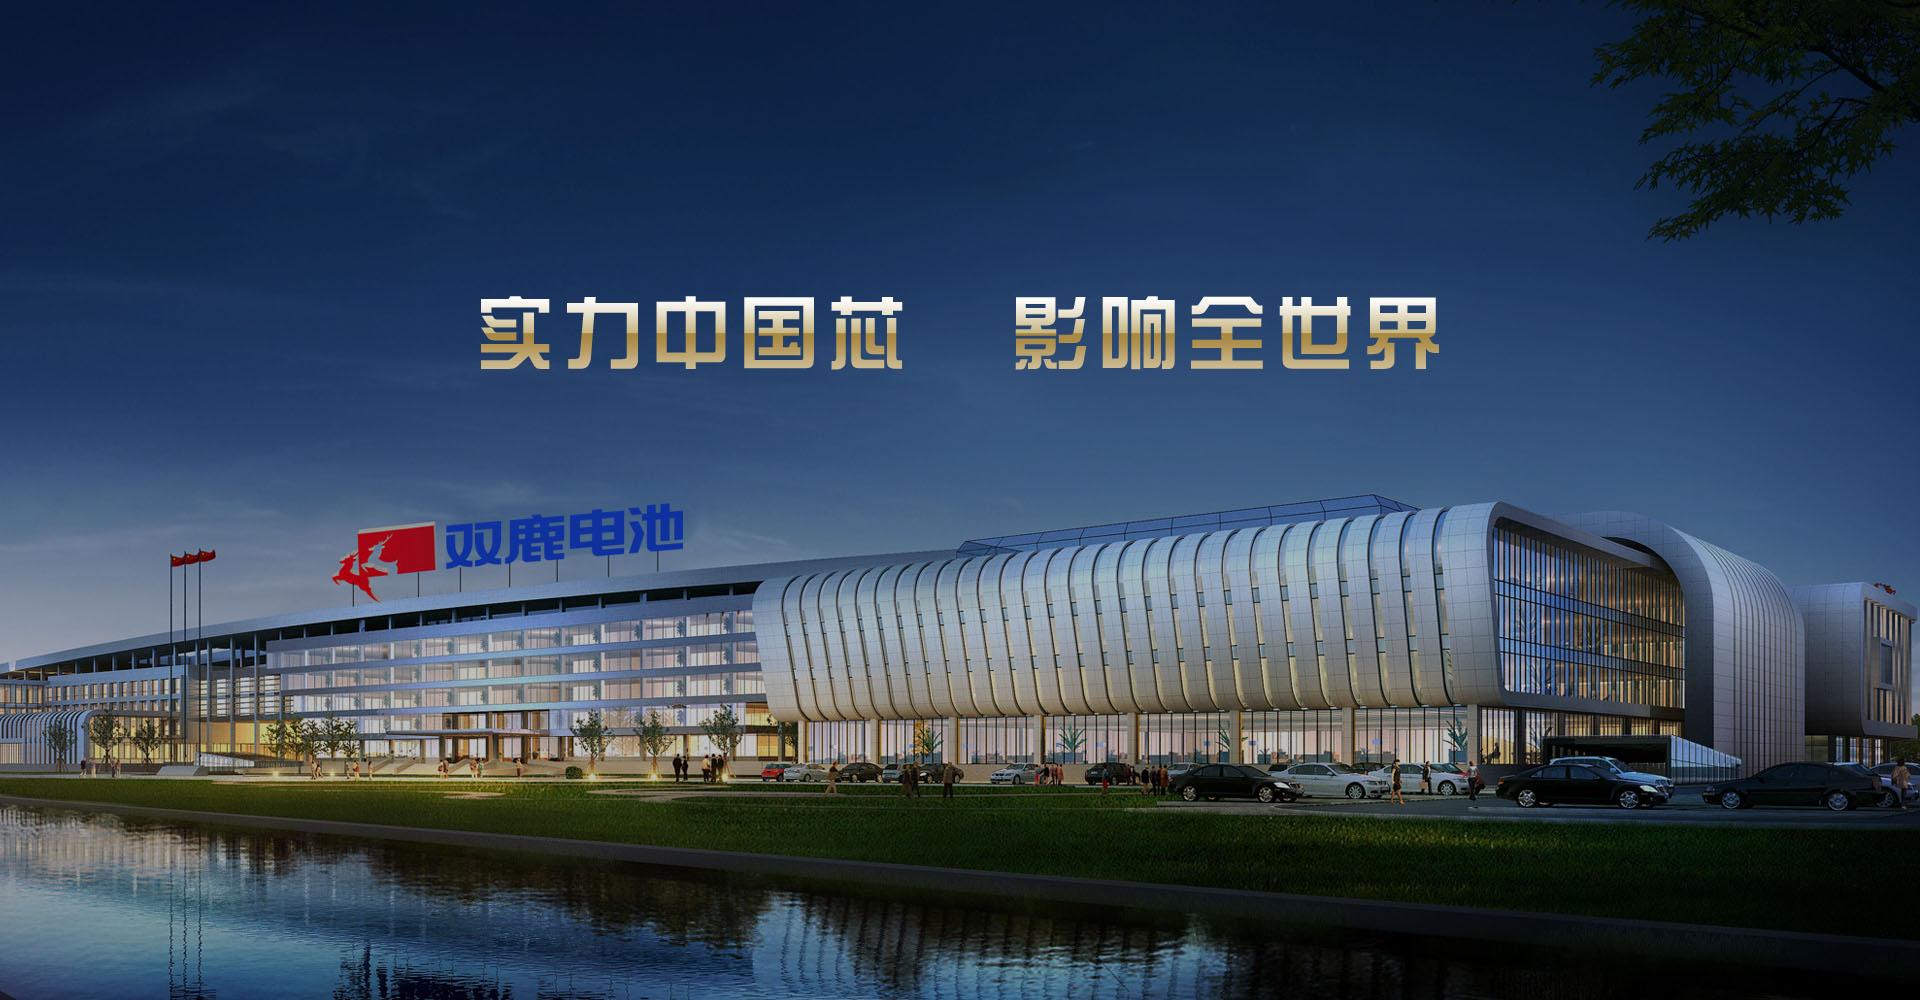 慈城廠區東南角透視圖